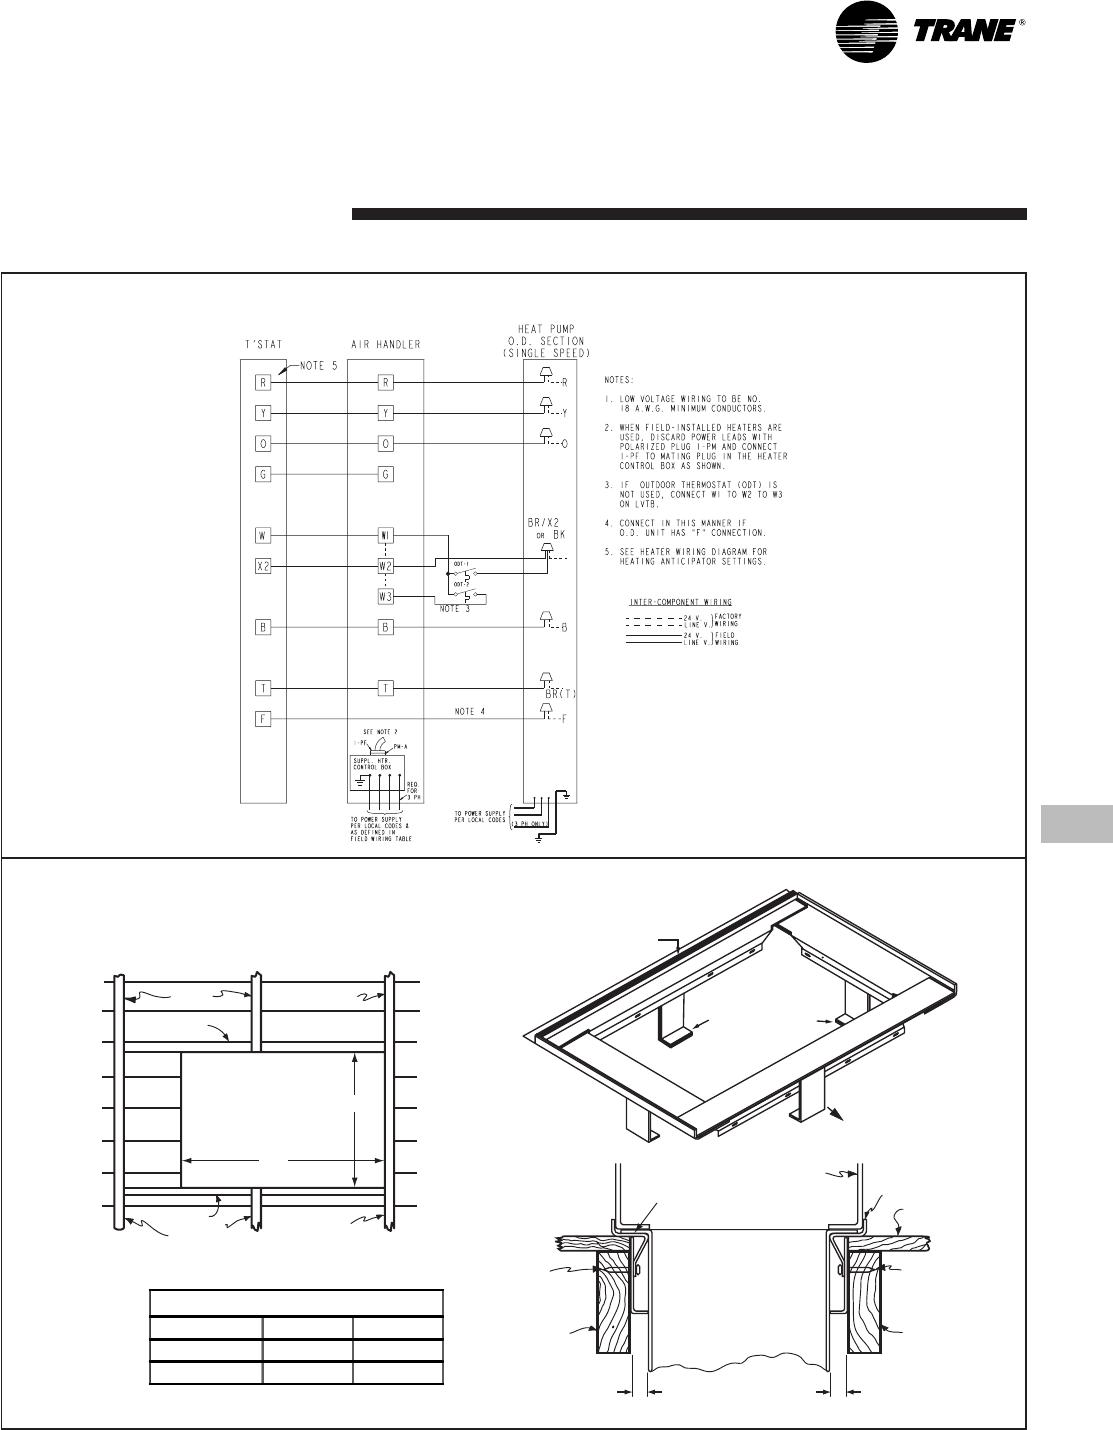 22 1774 01 Trane Heat Pump 4twb4 2 4tec3 Polarized Plug Wiring Diagram 0905 En 17